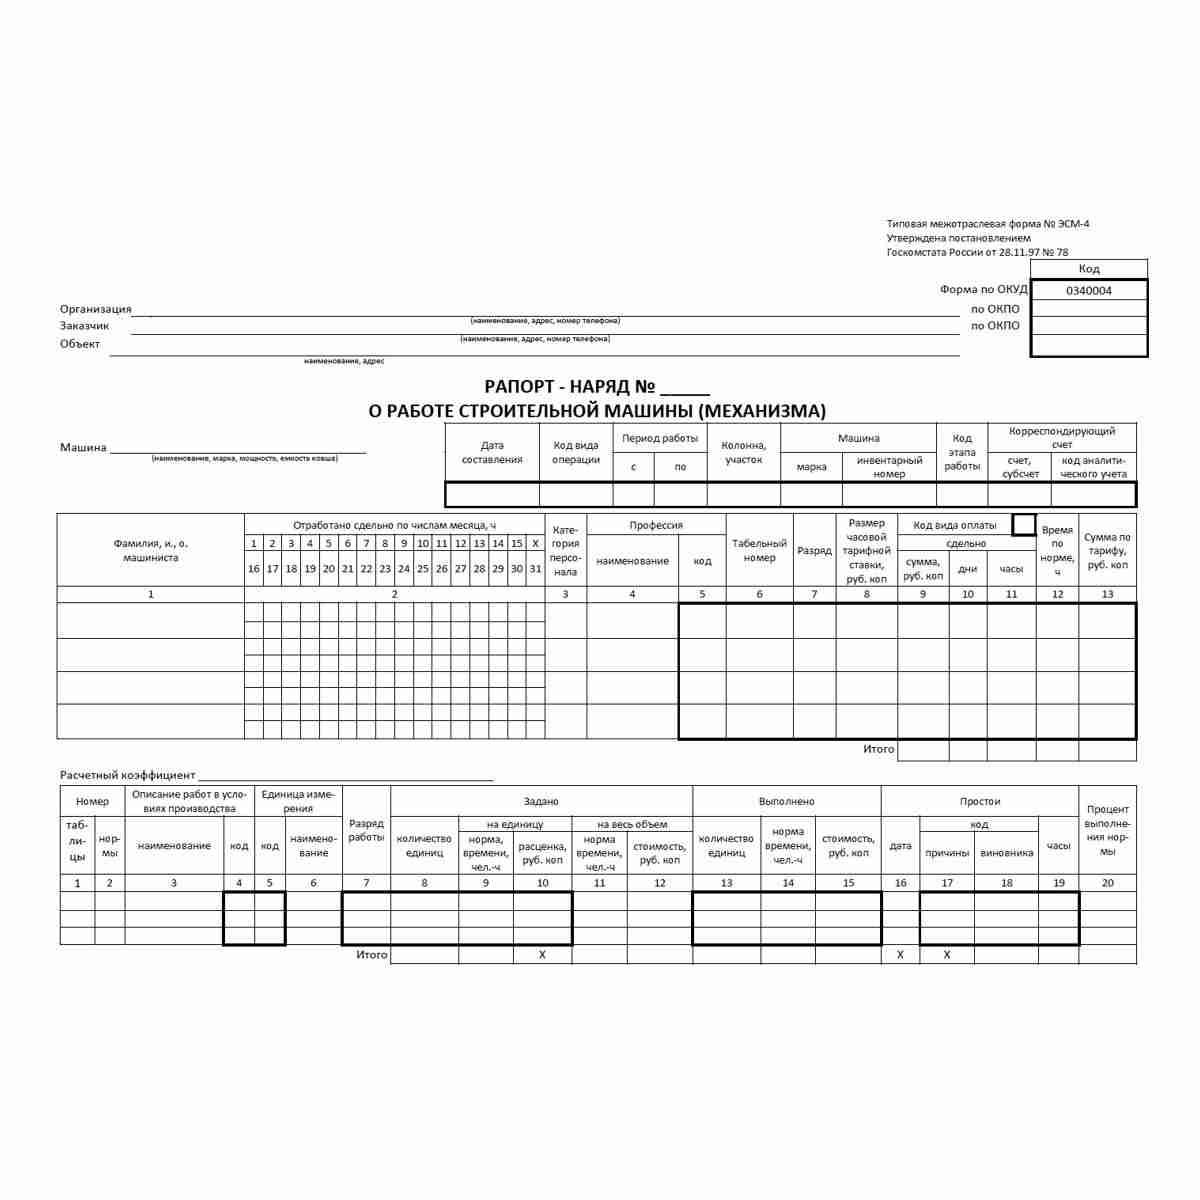 """Унифицированная форма первичной учетной документации Типовая межотраслевая форма №ЭСМ-4 """"Рапорт — наряд о работе строительной машины (механизма)"""" (ОКУД 0340004). Лицевая сторона."""